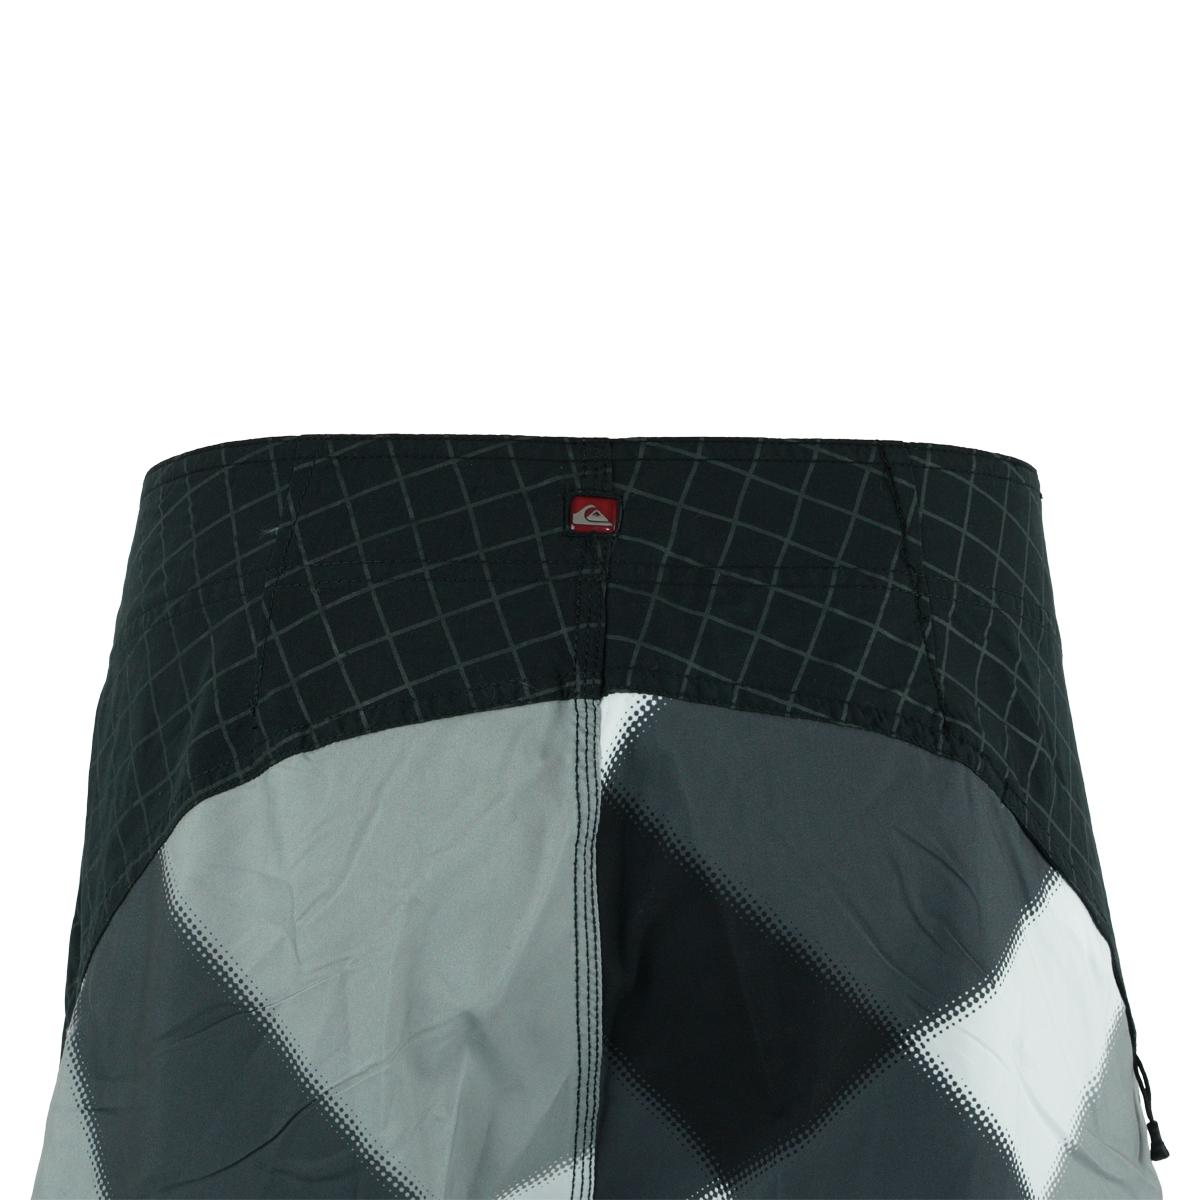 Quiksilver-Men-039-s-Geometric-Print-Boardshorts thumbnail 4